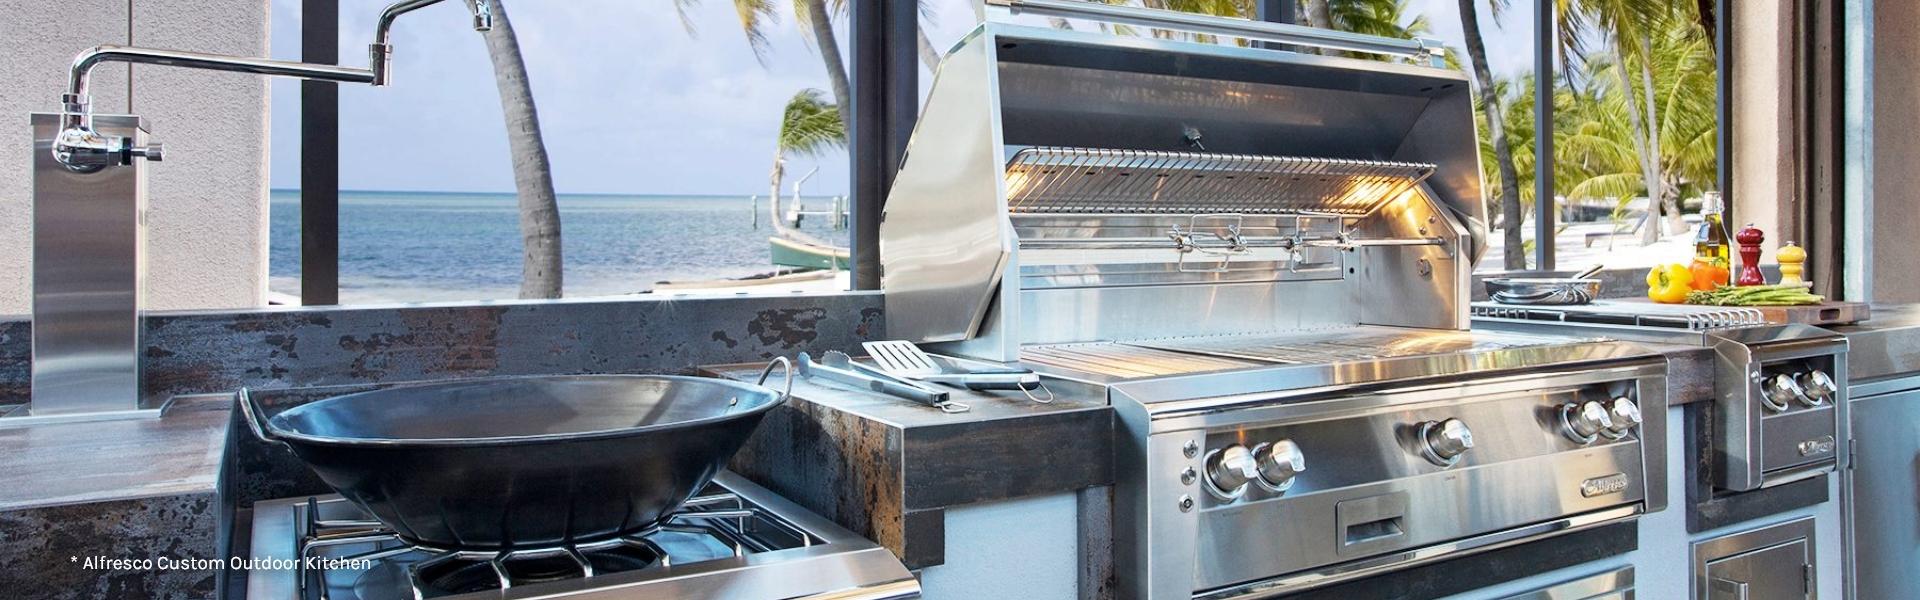 Alfresco Custom Outdoor Kitchen